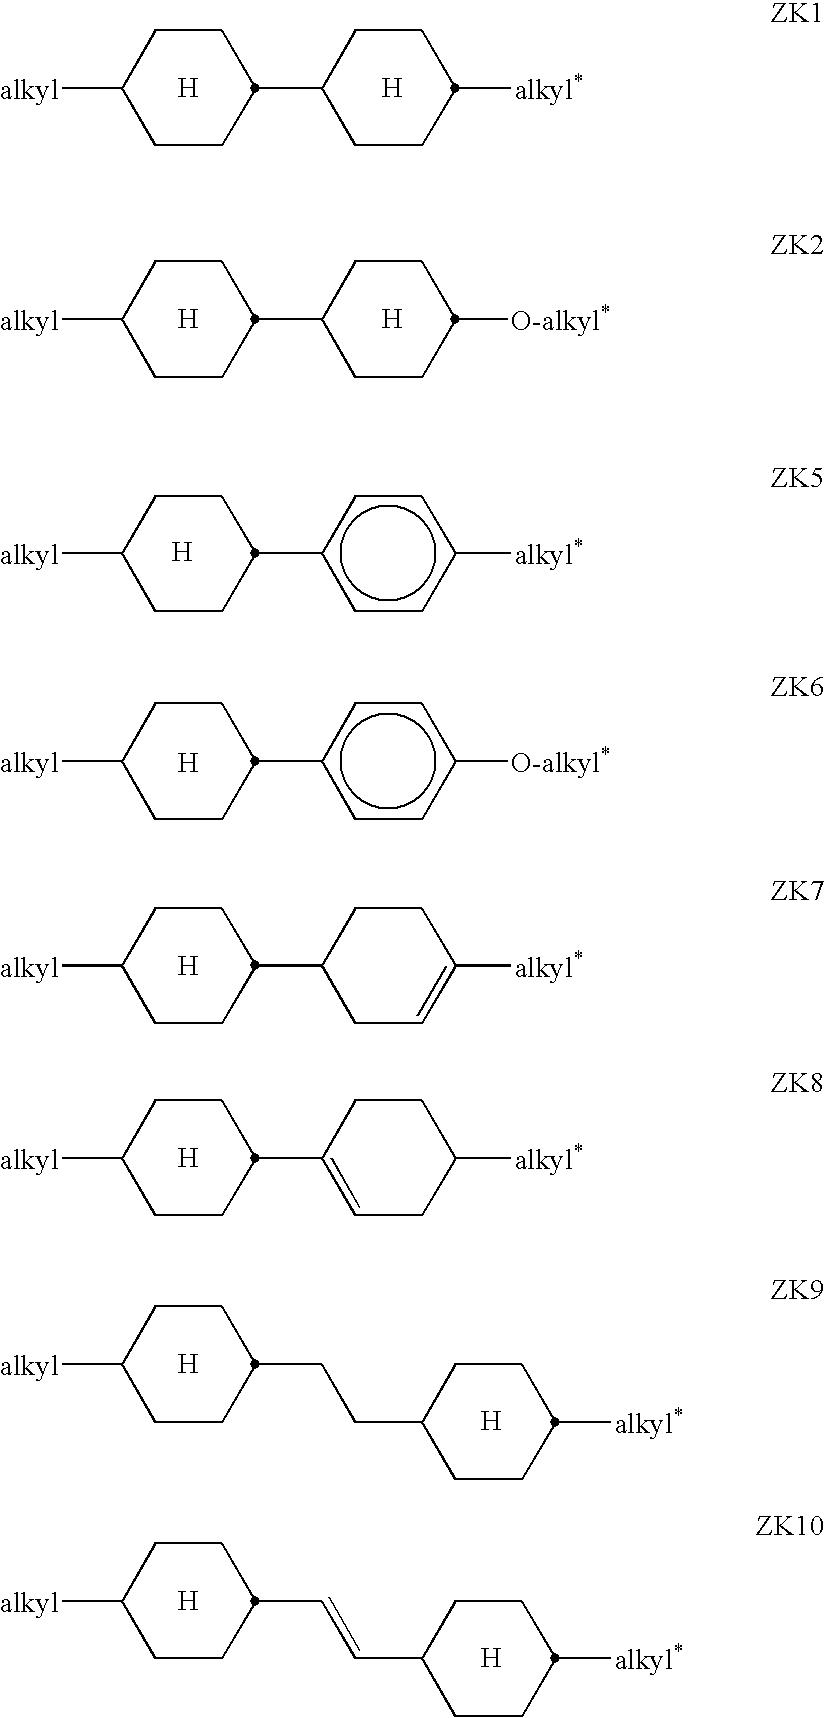 Figure US20100304049A1-20101202-C00029